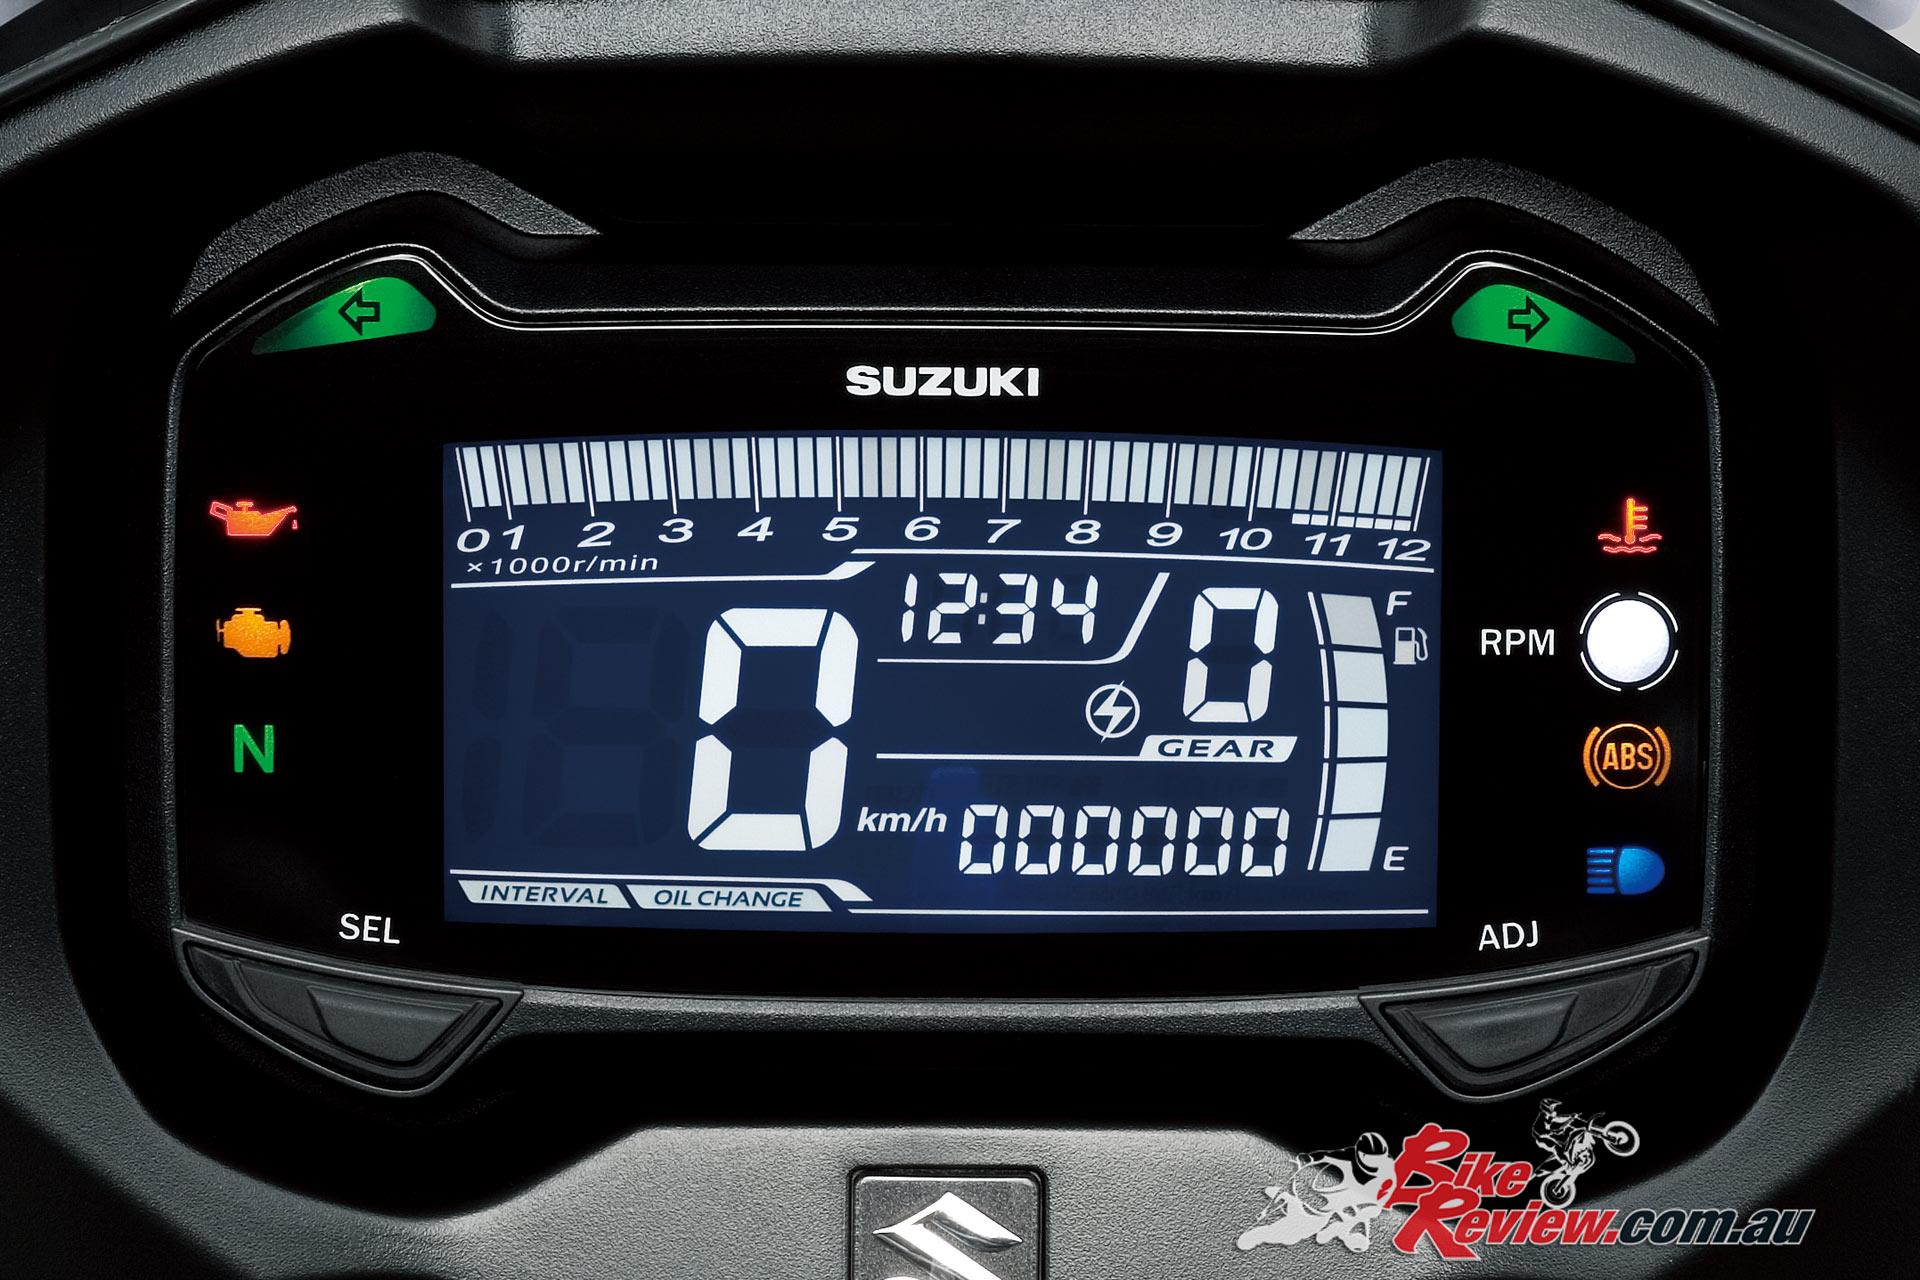 Suzuki burgman 400 review uk dating 2